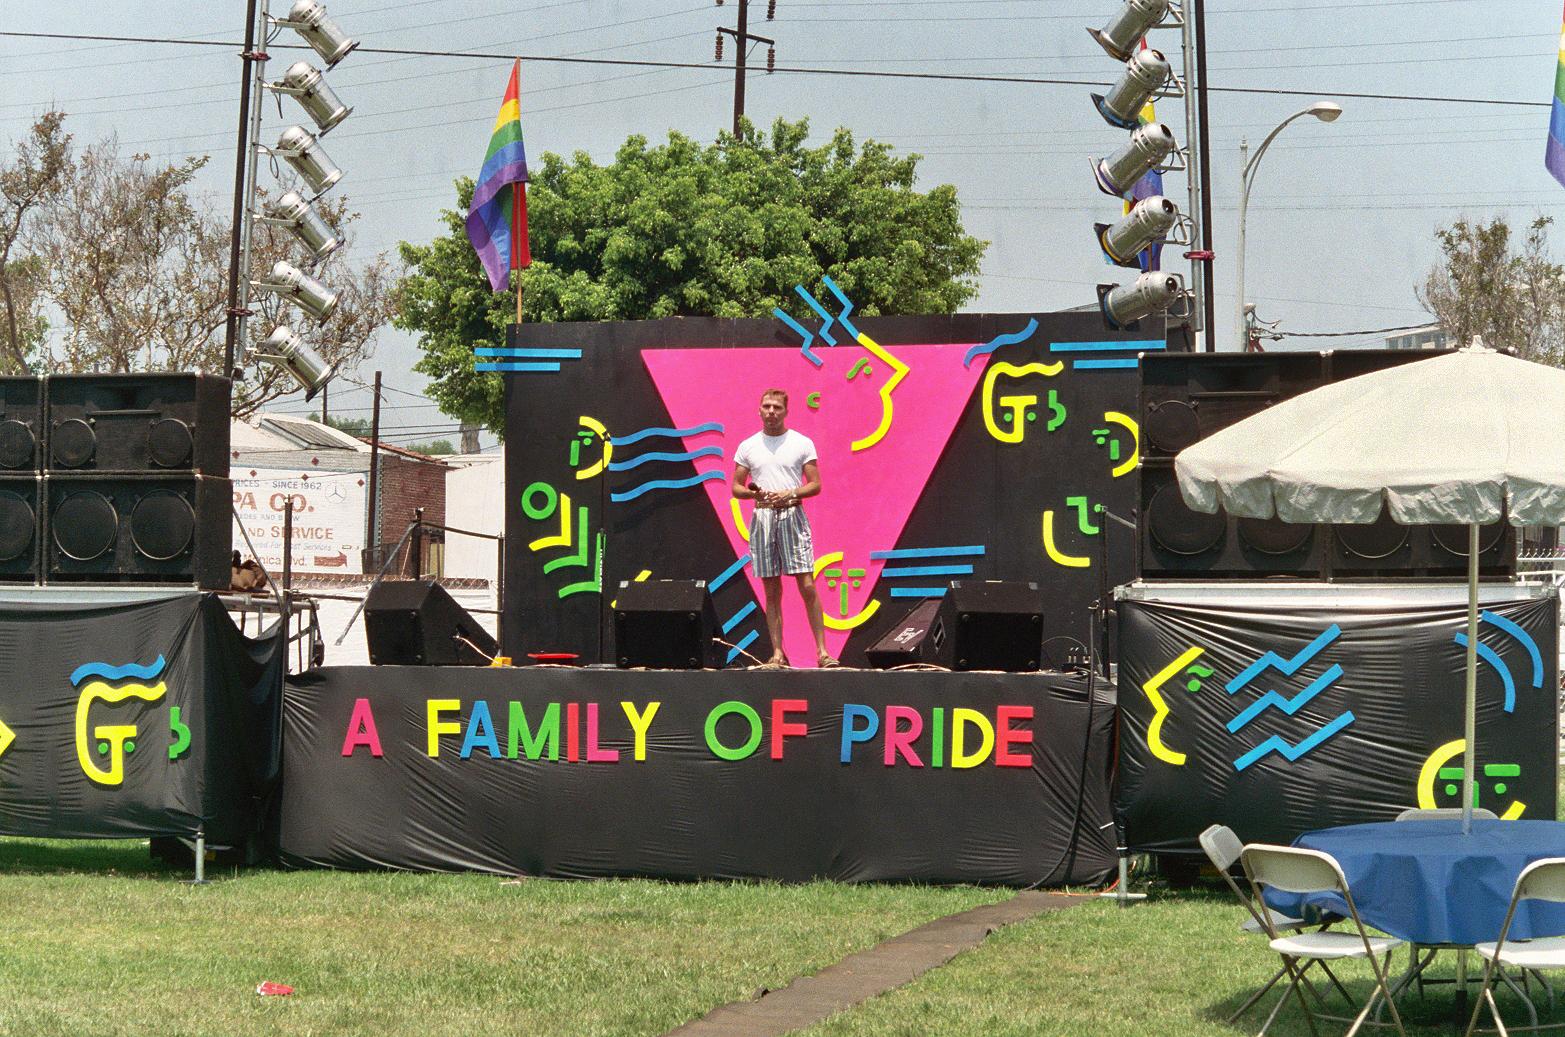 la-pride-1987-1995_22321042221_o